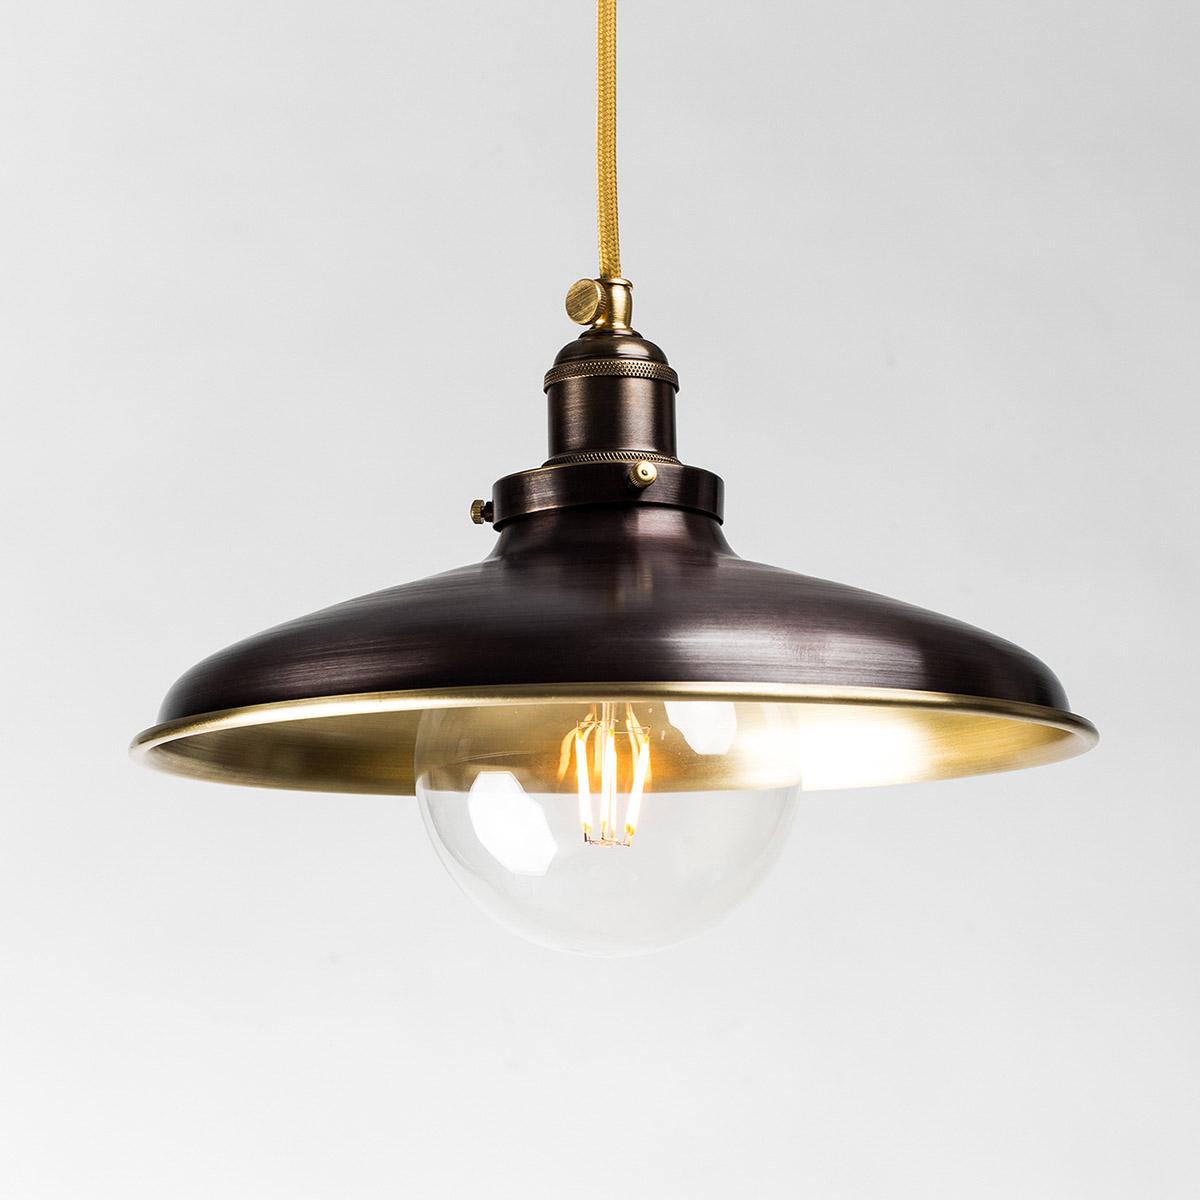 Потолочный светильник 527 латунный коричневый